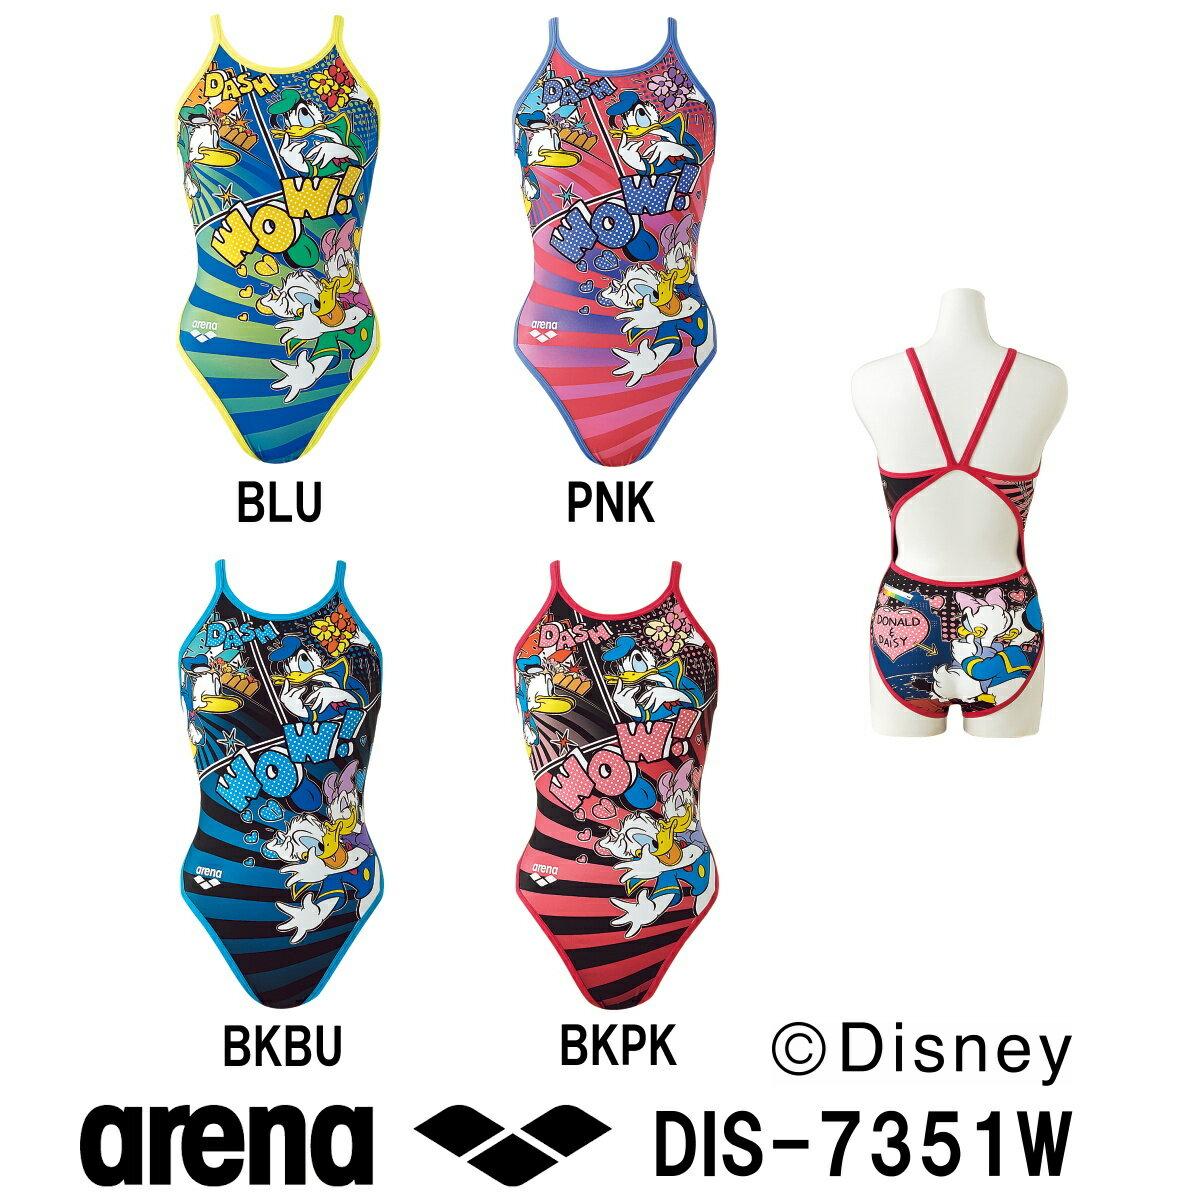 arena アリーナ 競泳練習用水着 レディース スイムウェア スイミング スーパーフライバック タフスーツ タフスキンD ディズニーシリーズ 2017年FWモデル DIS-7351W